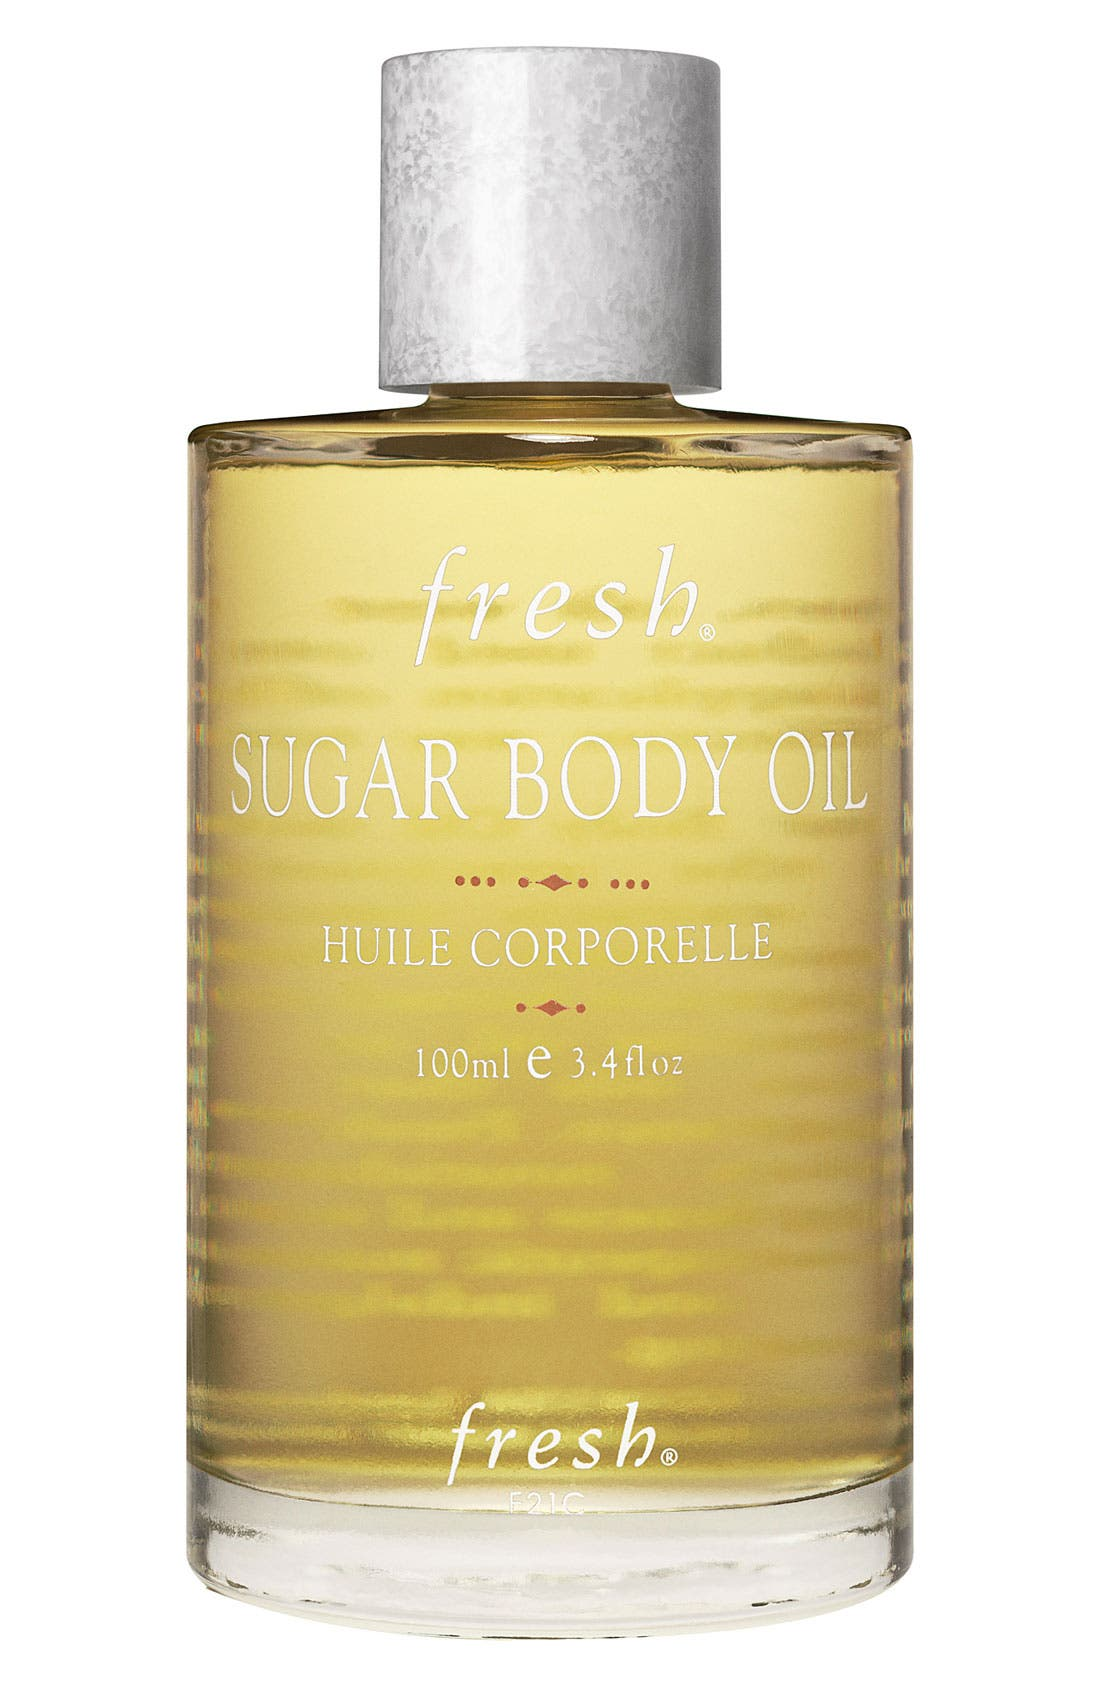 Fresh® Sugar Body Oil